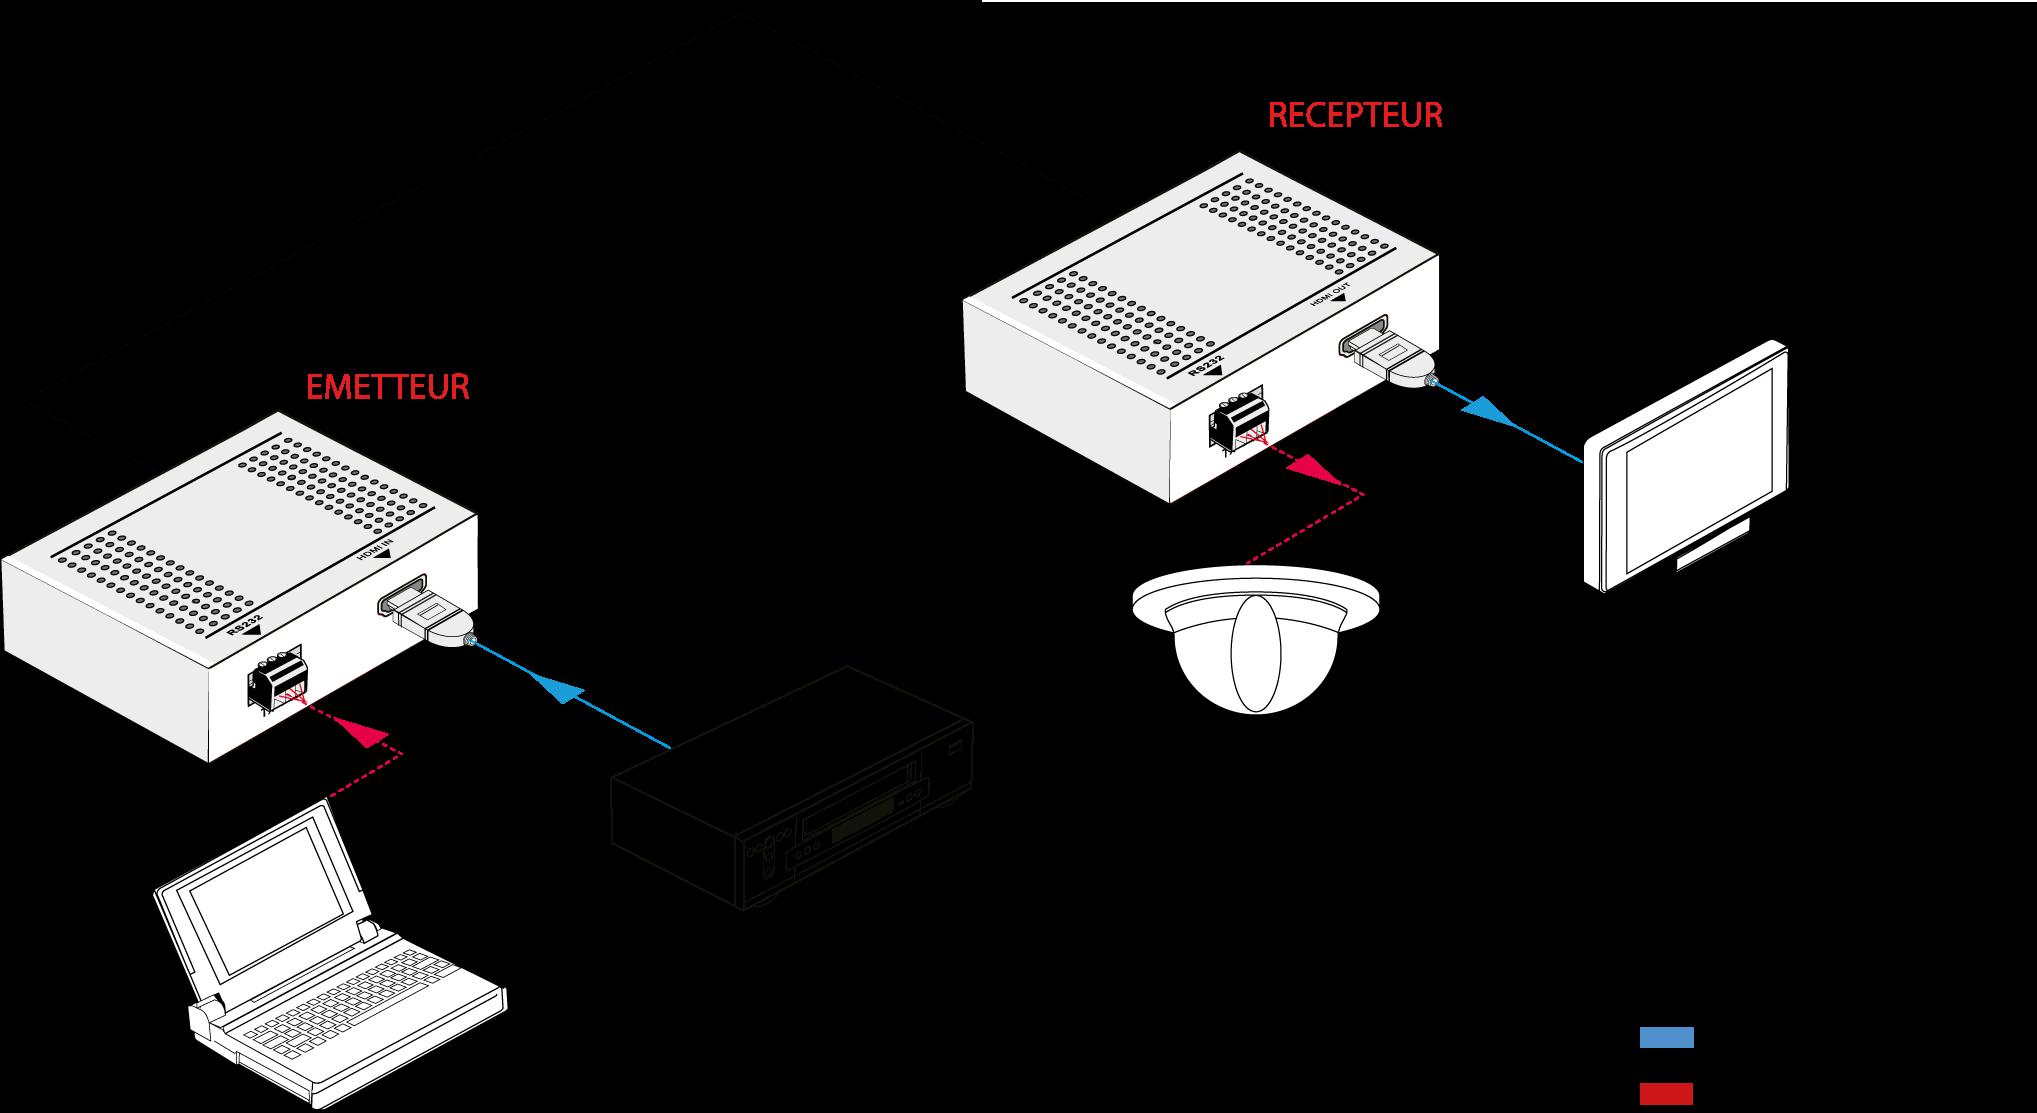 FOE04H-4K - Extendeur HDMI sur Fibre Optique, 4K@60Hz 4:4:4 60 Km